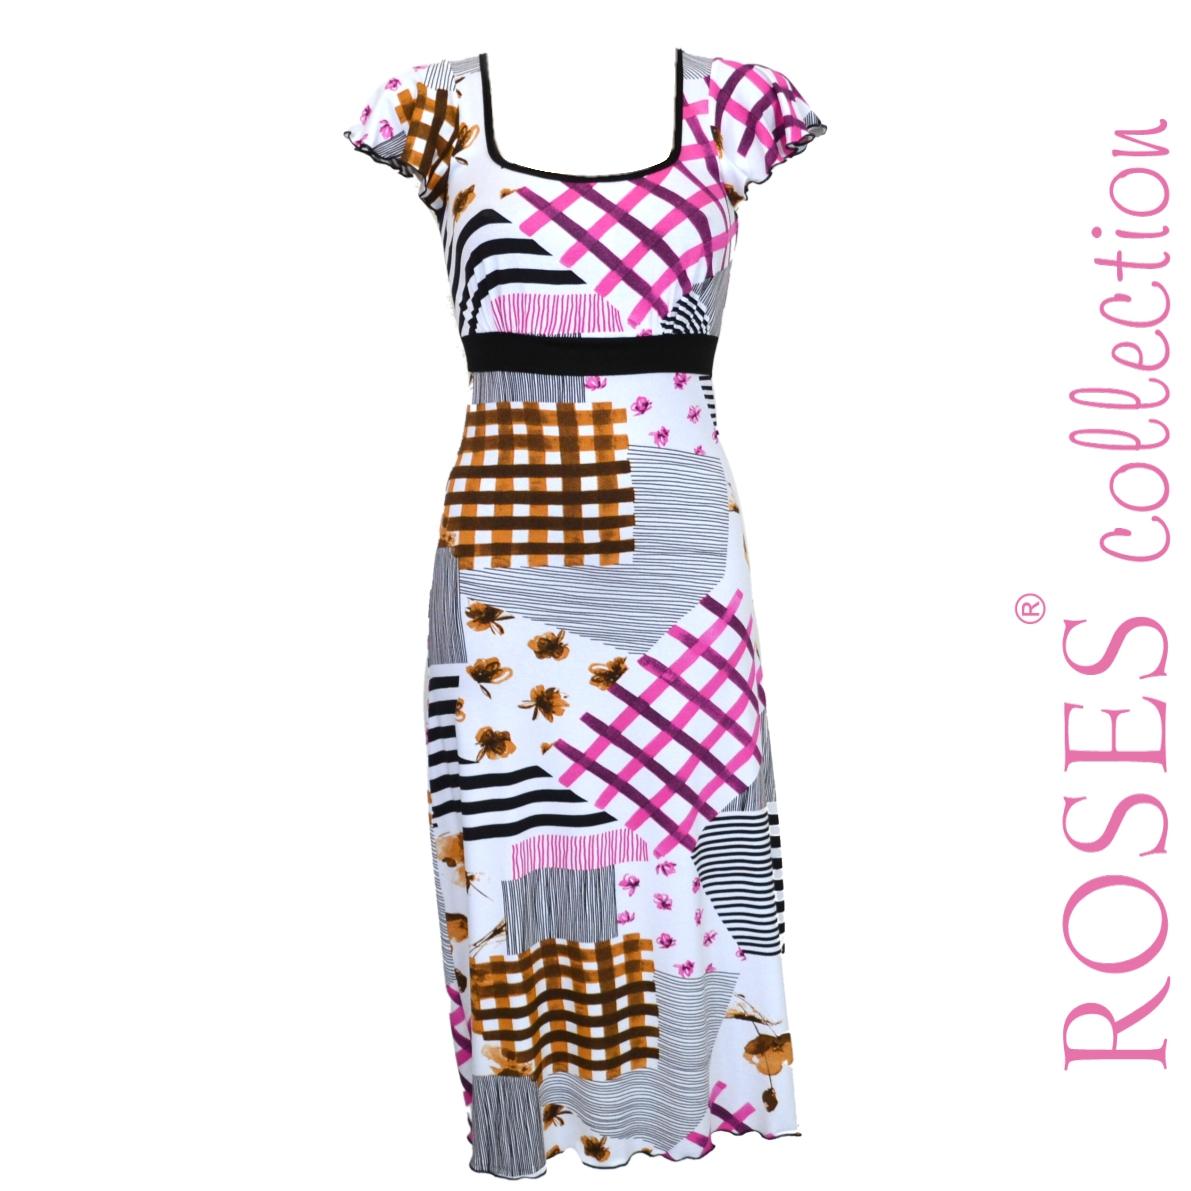 Letní šaty EVELINE barevné – Potvor - pomáhat tvořit 0c88f445c0